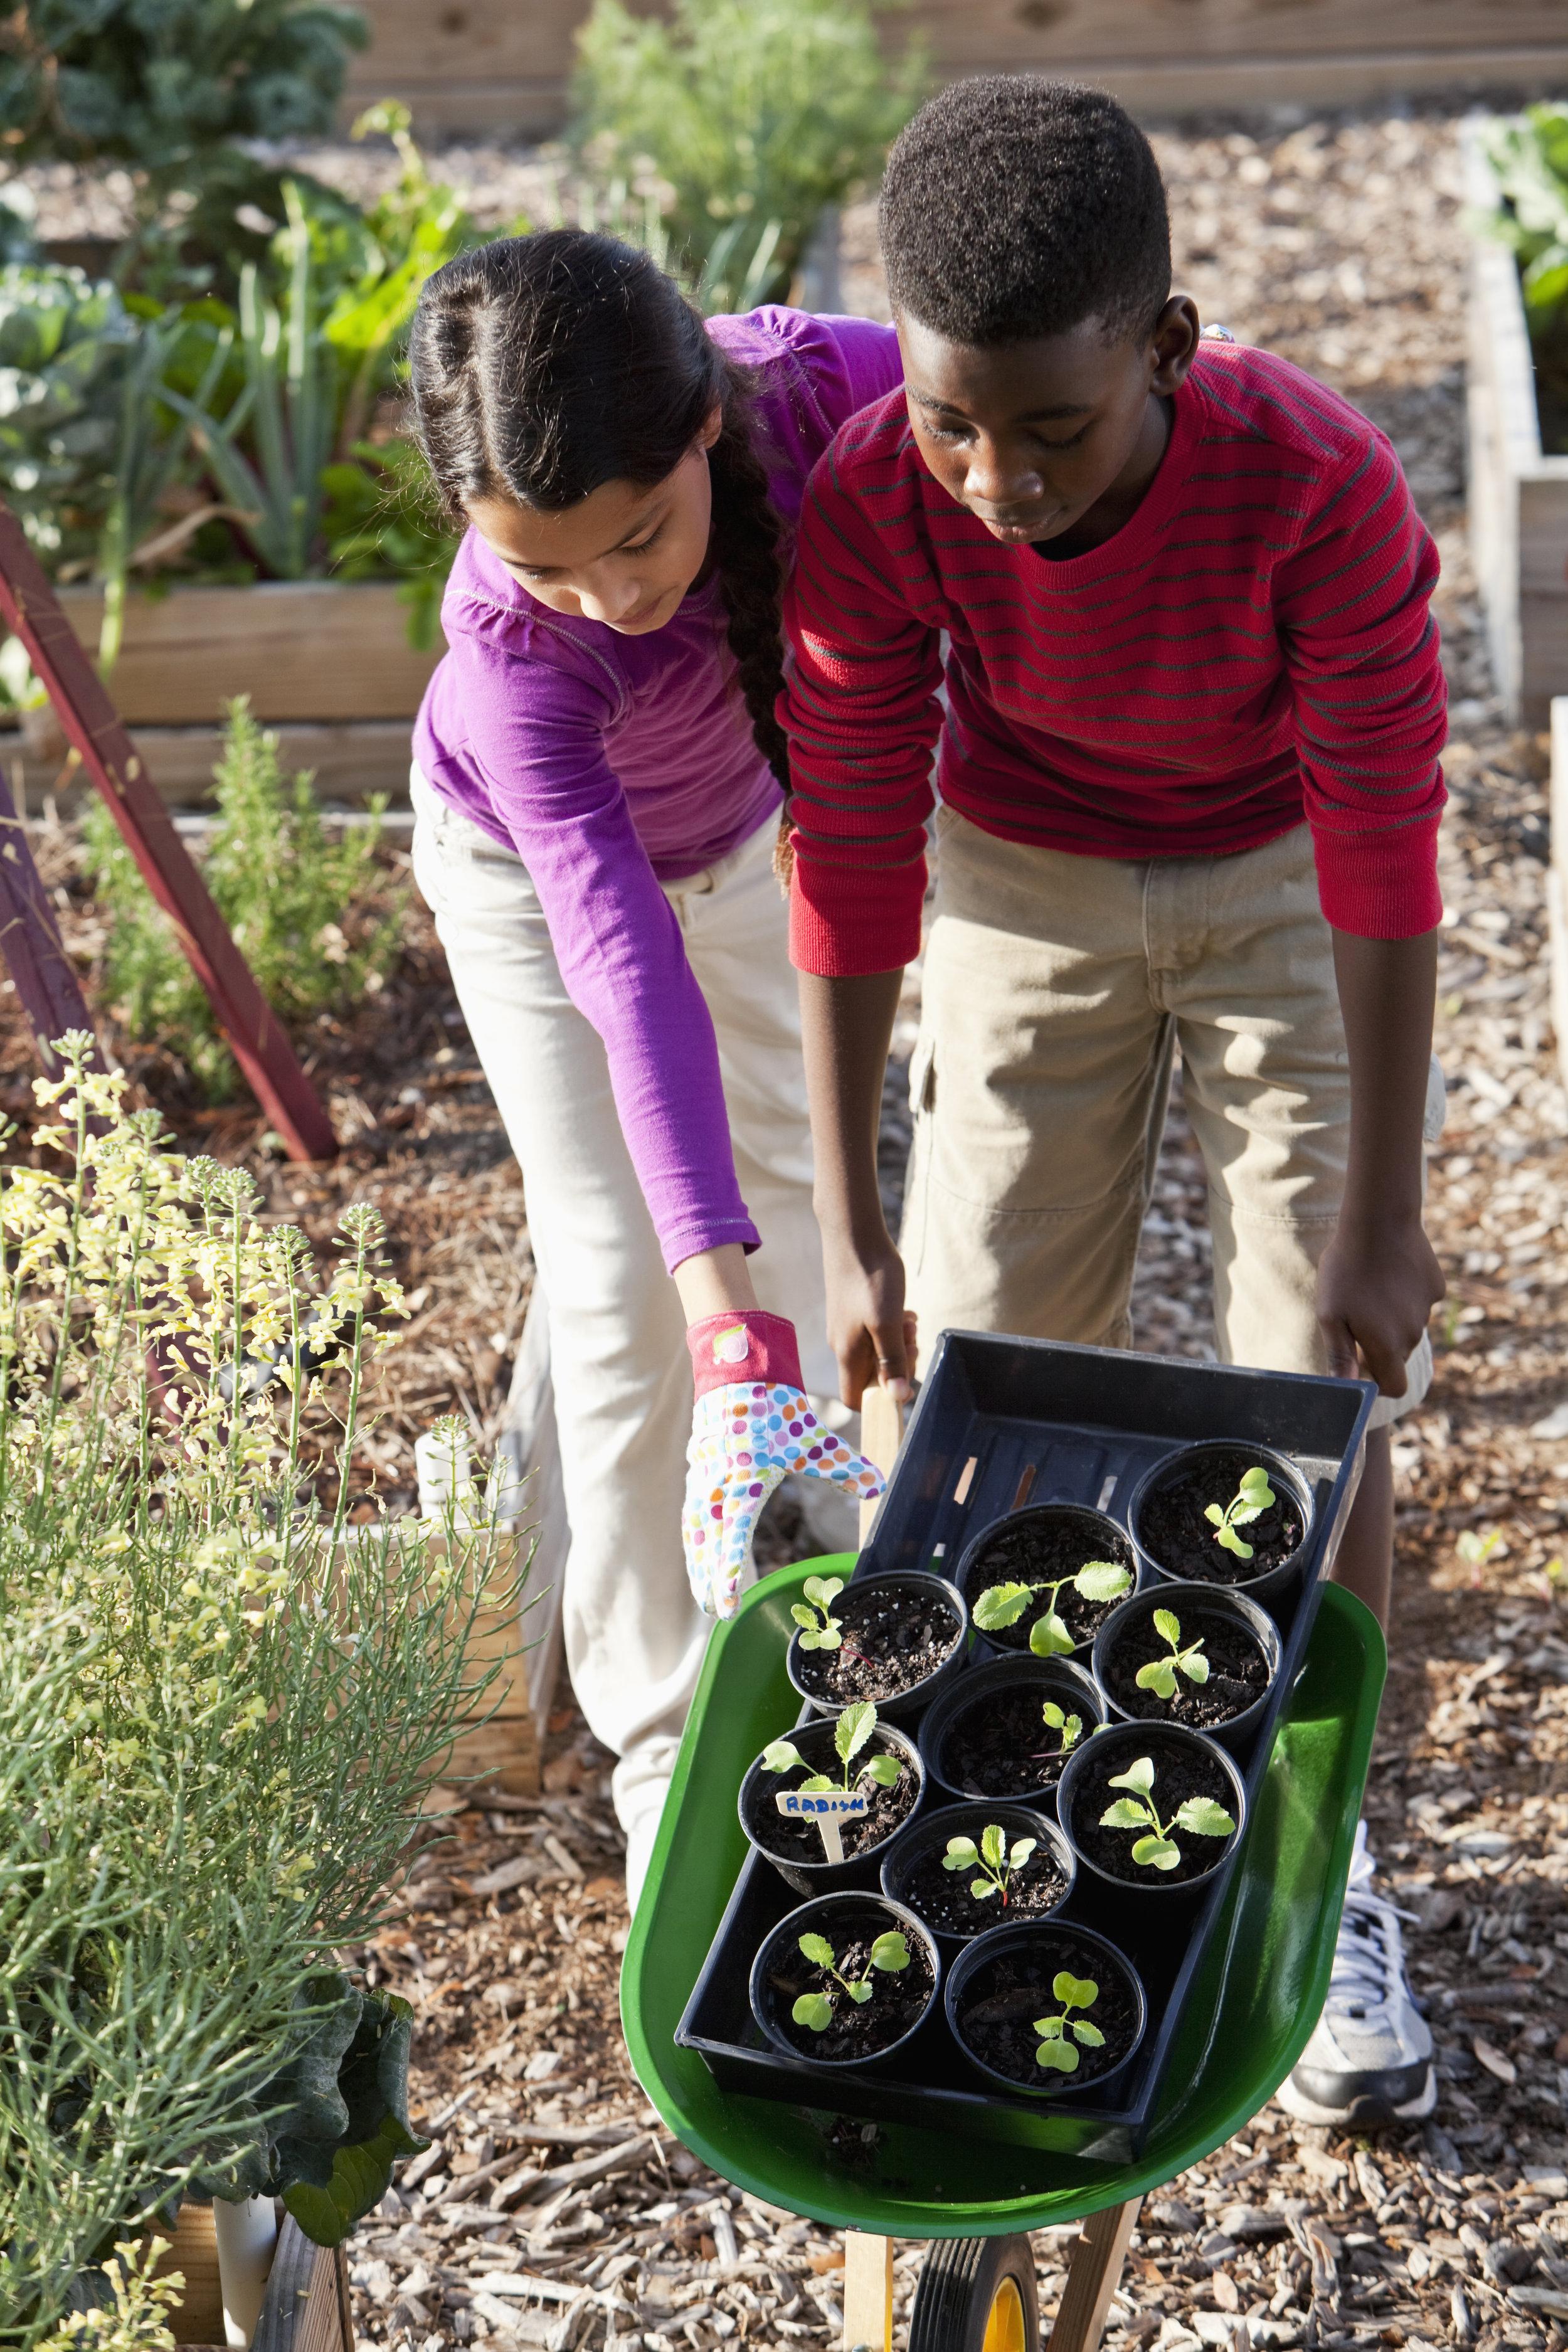 Kids_gardening_RGB.jpg